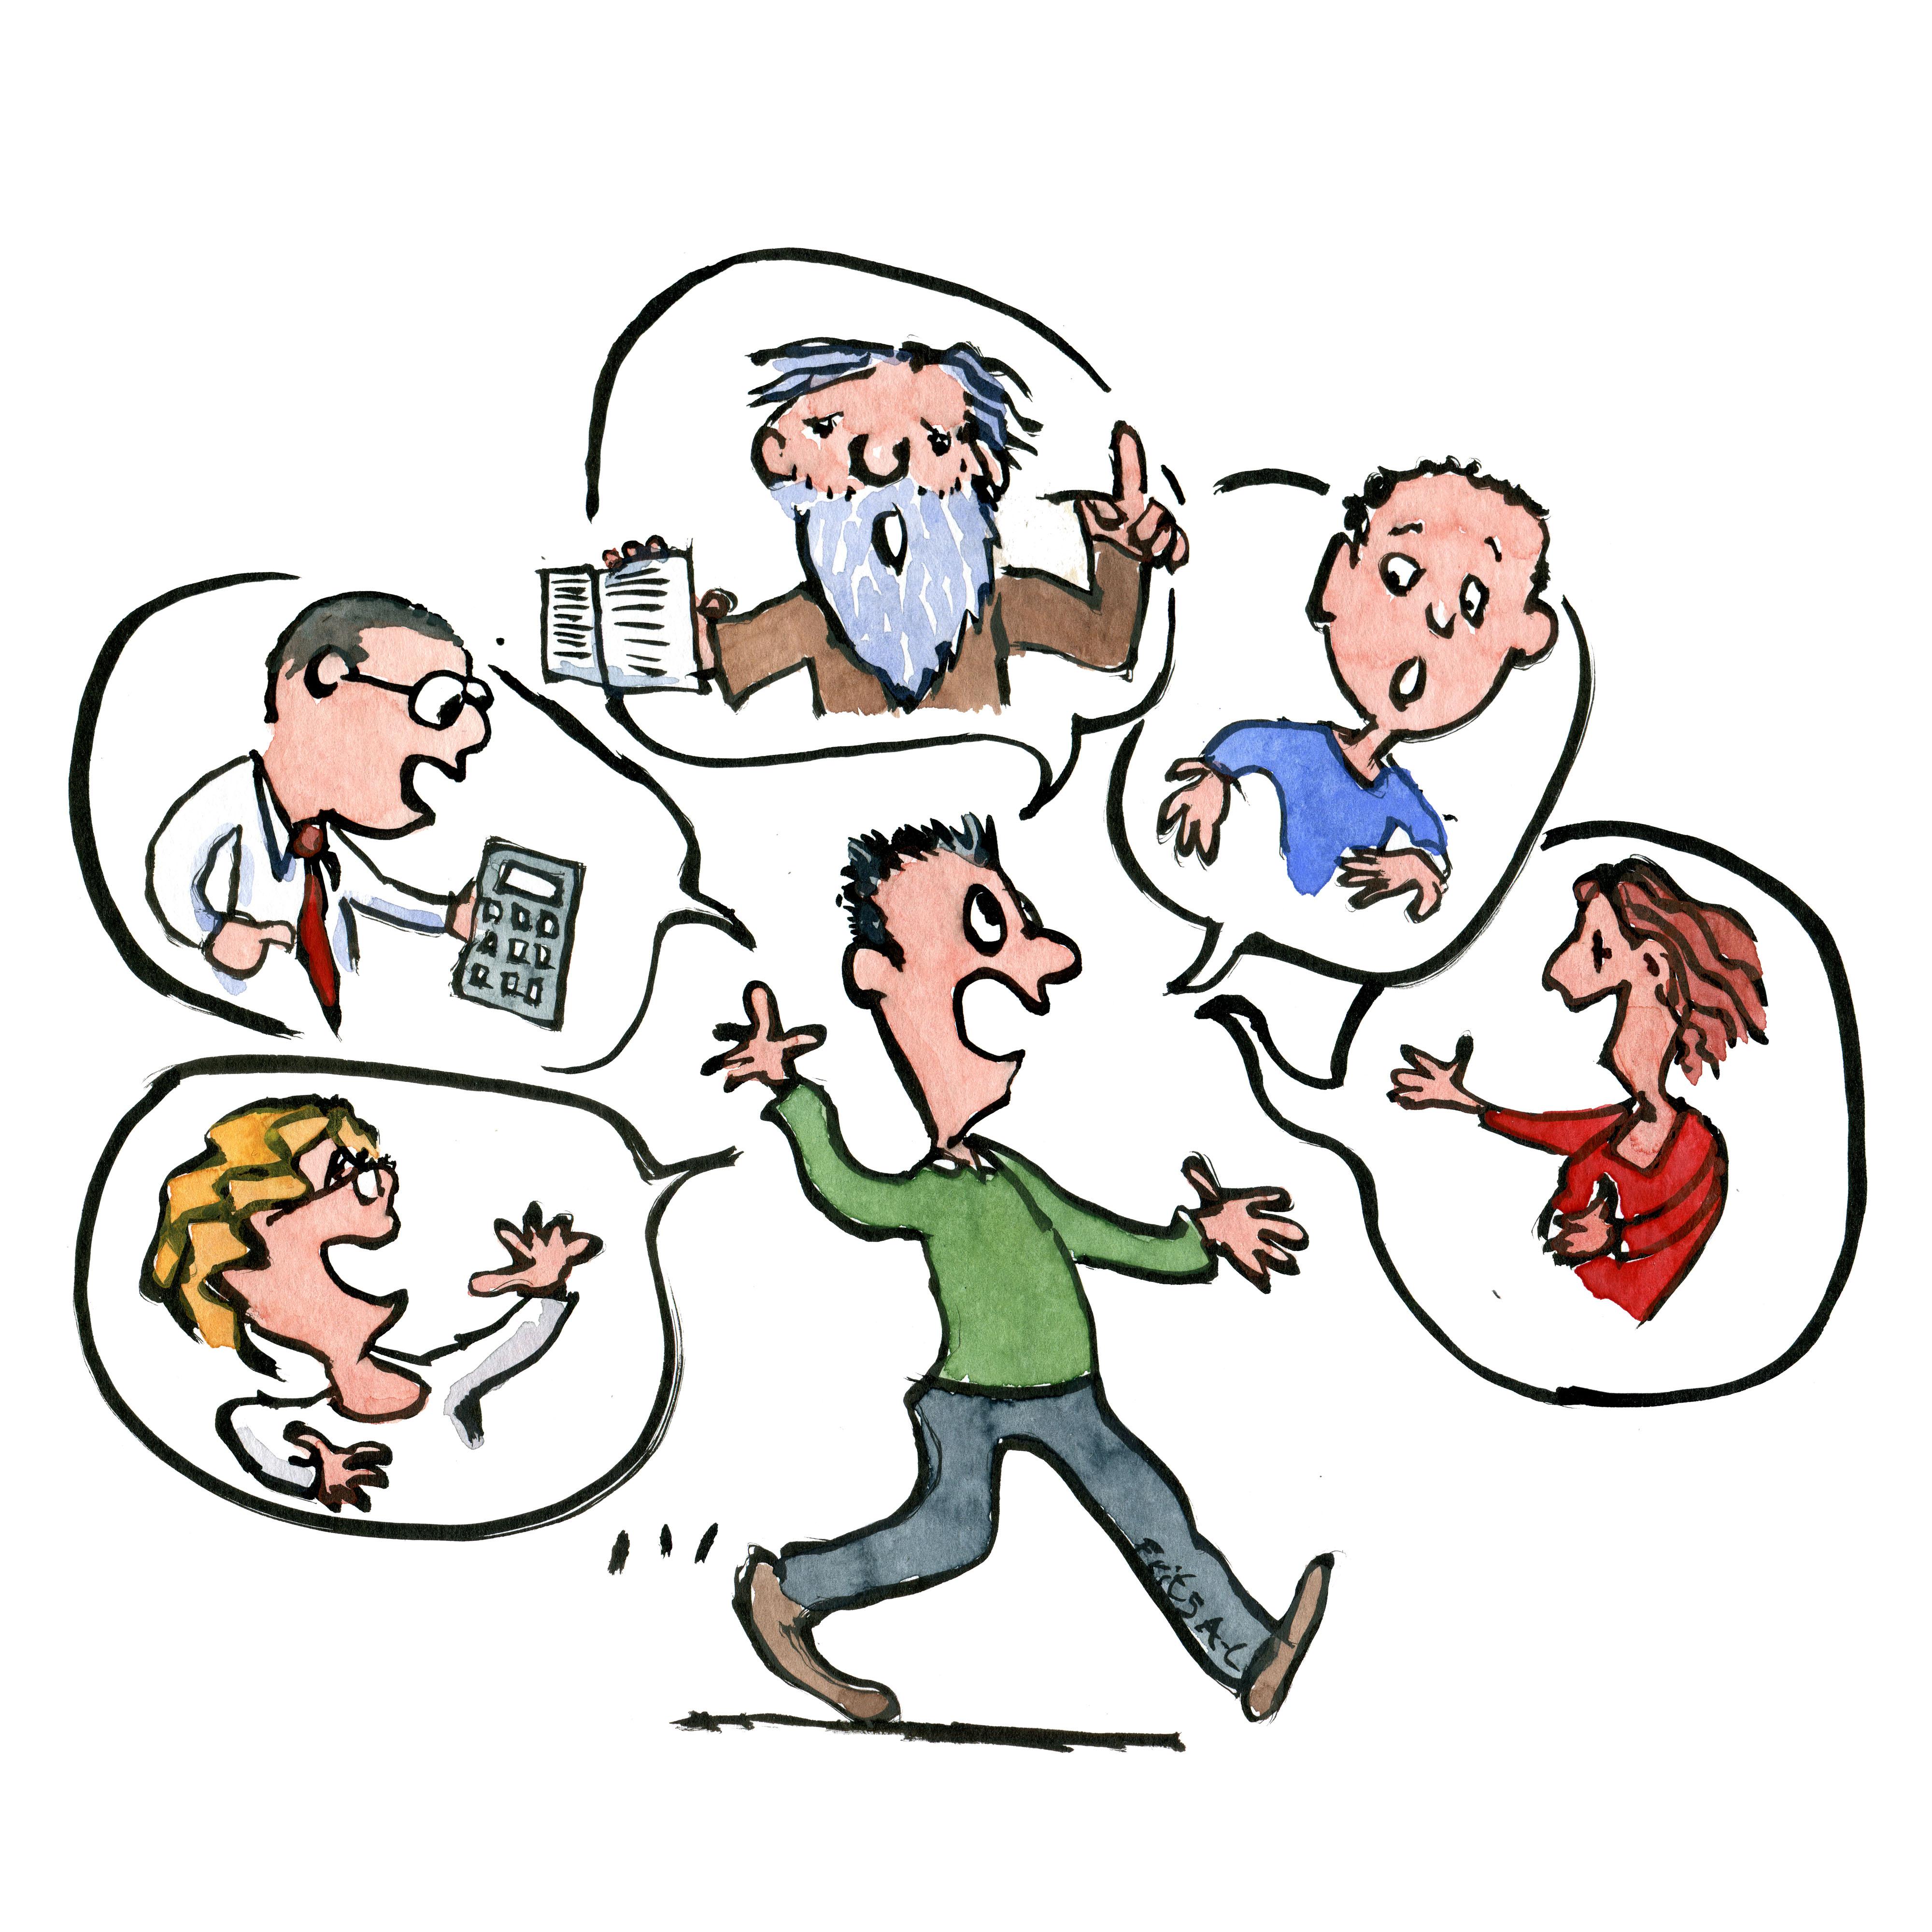 Mand som går mens han fører samtaler med en række mennesker i talebobler. Illustration Frits Ahlefeldt